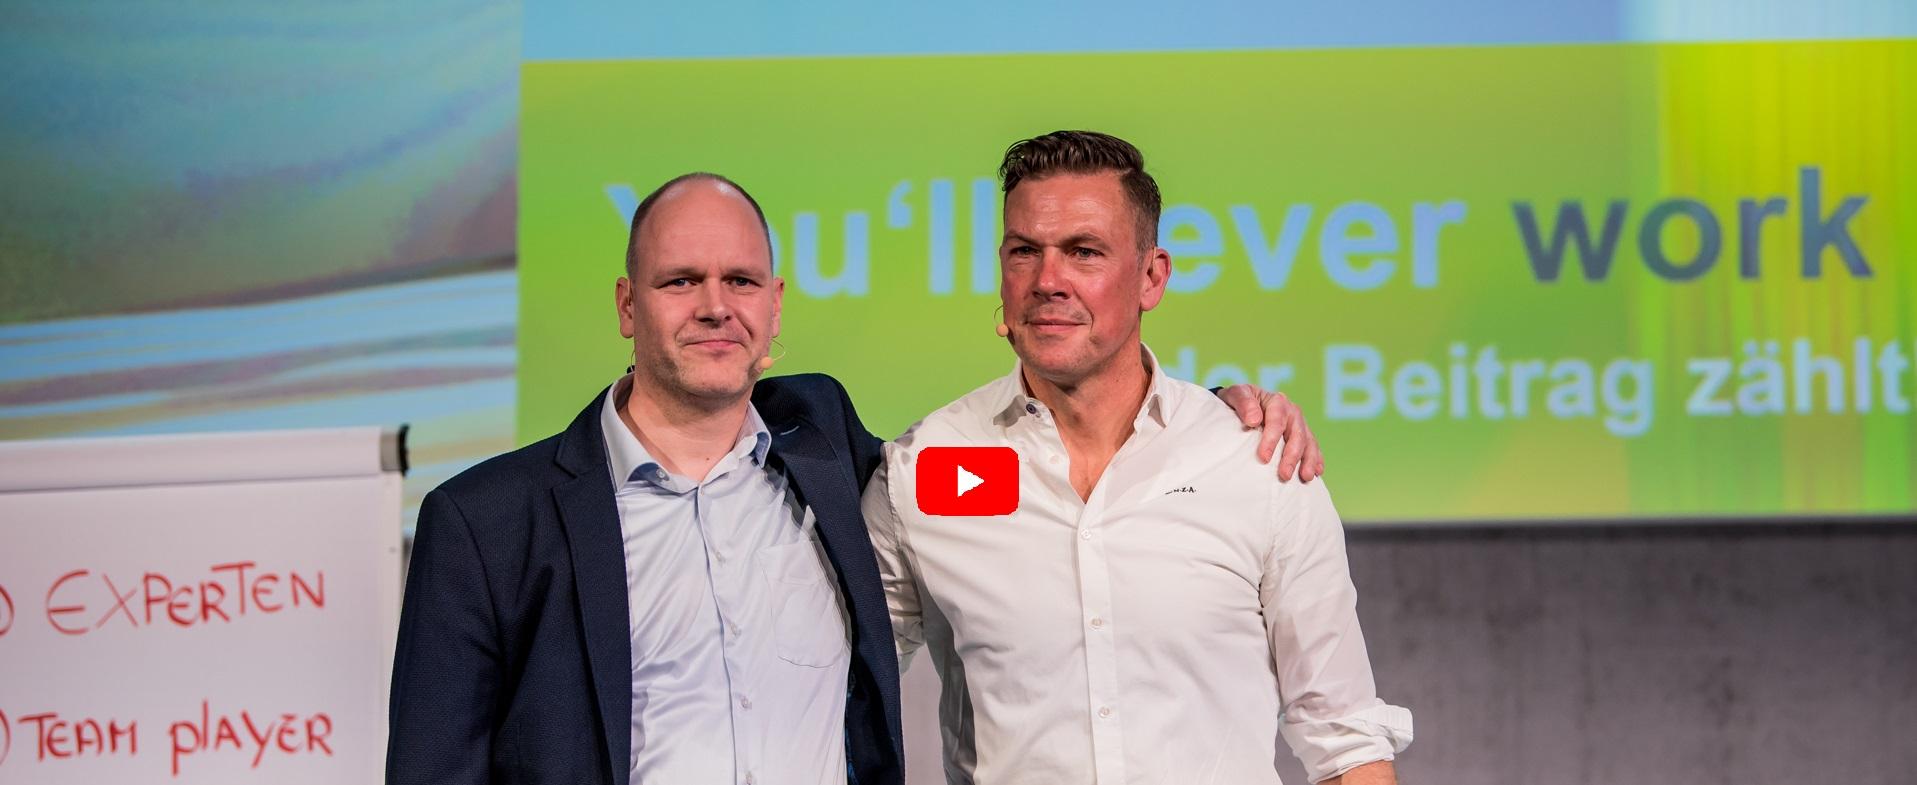 Resultatorientierung - entscheidend ist auf dem Platz mit keynote speaker Dr. Holger Schmitz und Erik Meijer